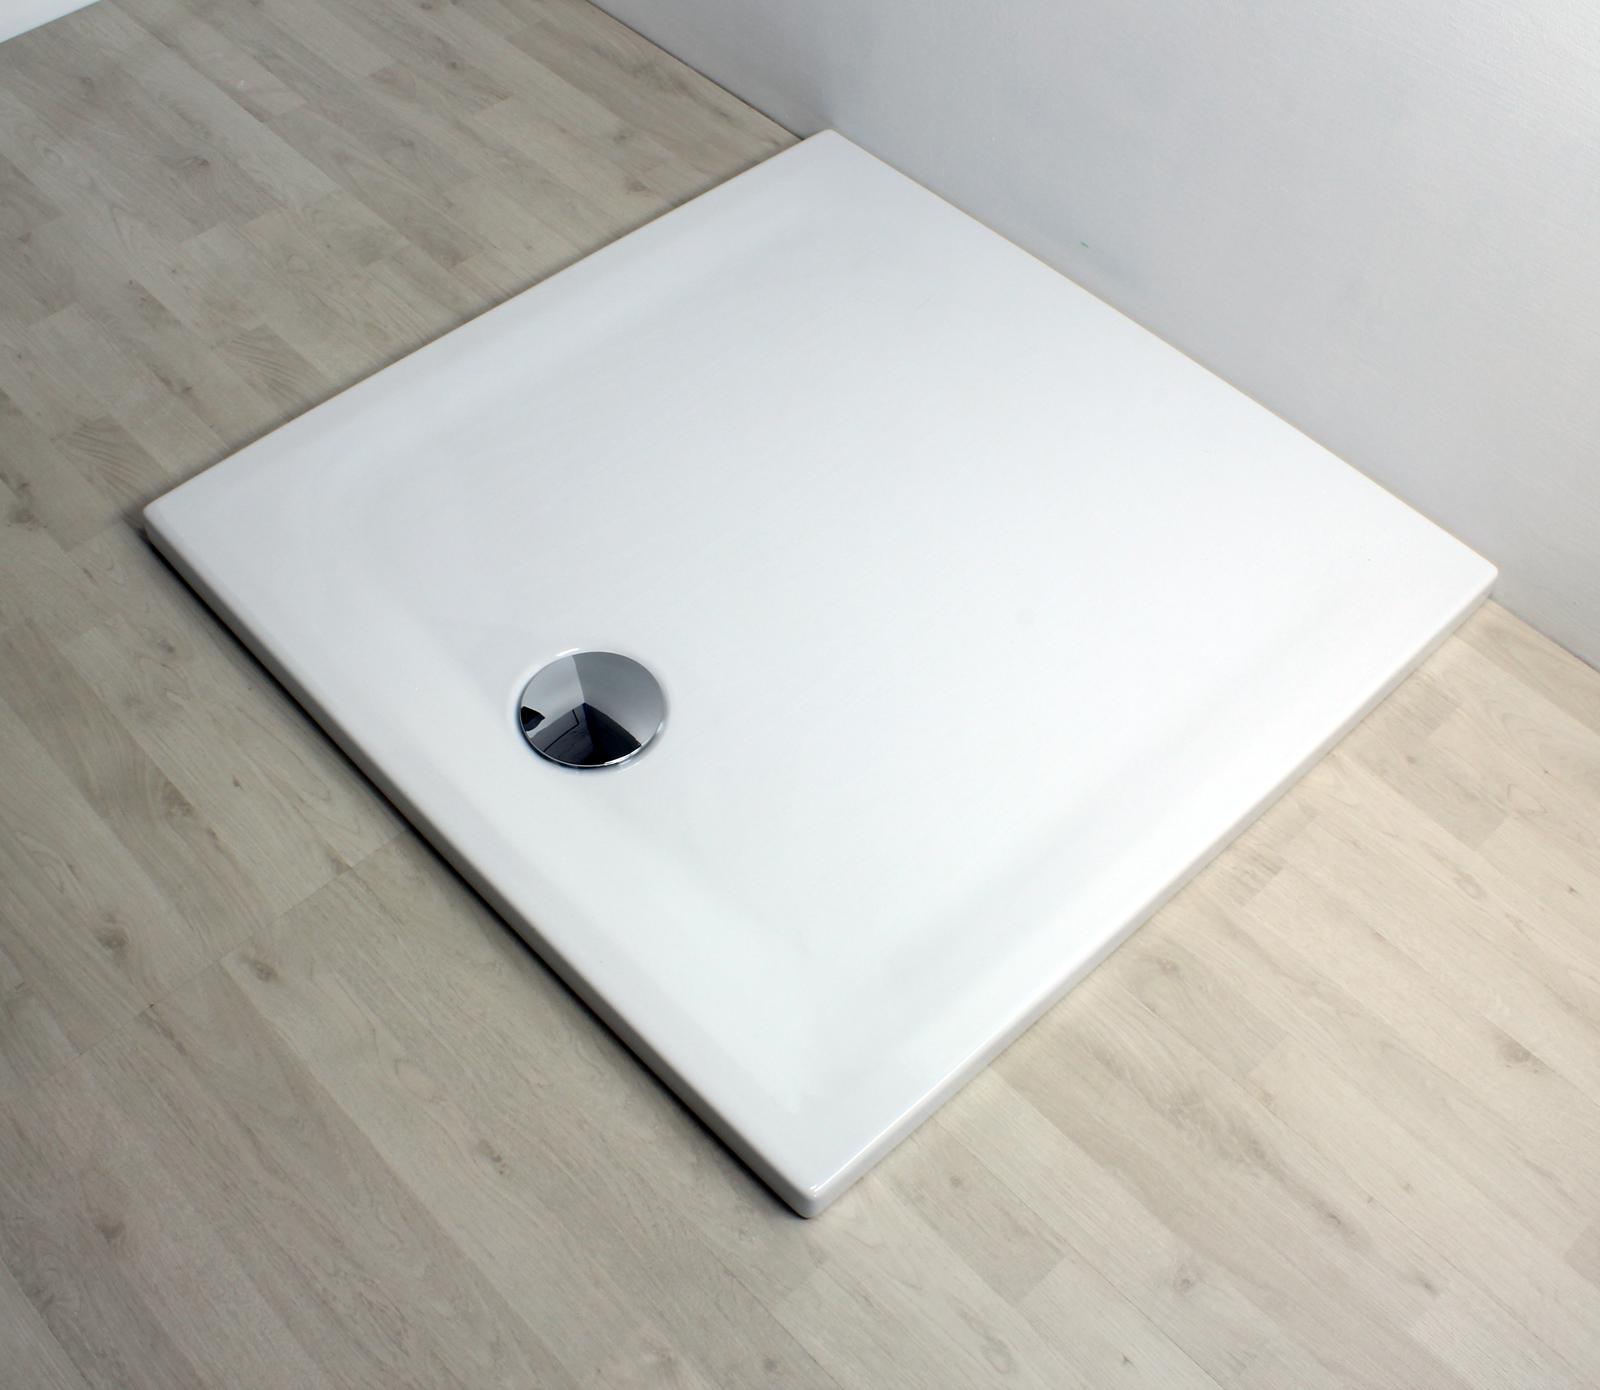 Piatto doccia filo 90x90 bianco - Piatto doccia a filo ...